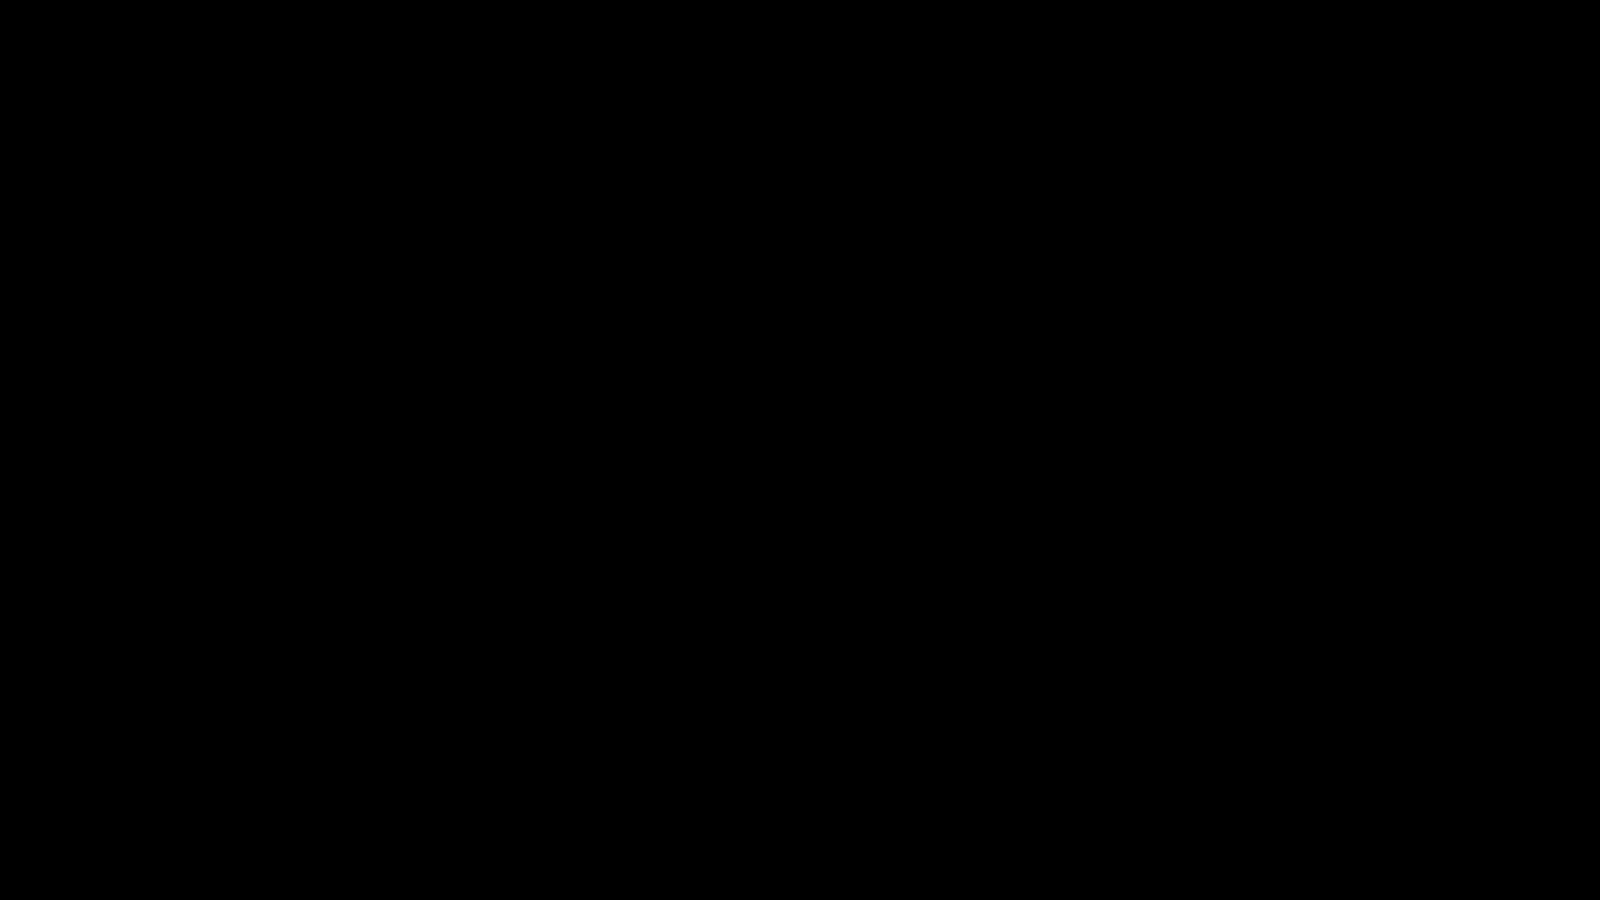 Активация «Птица падающая в гнездо» 22 апреля